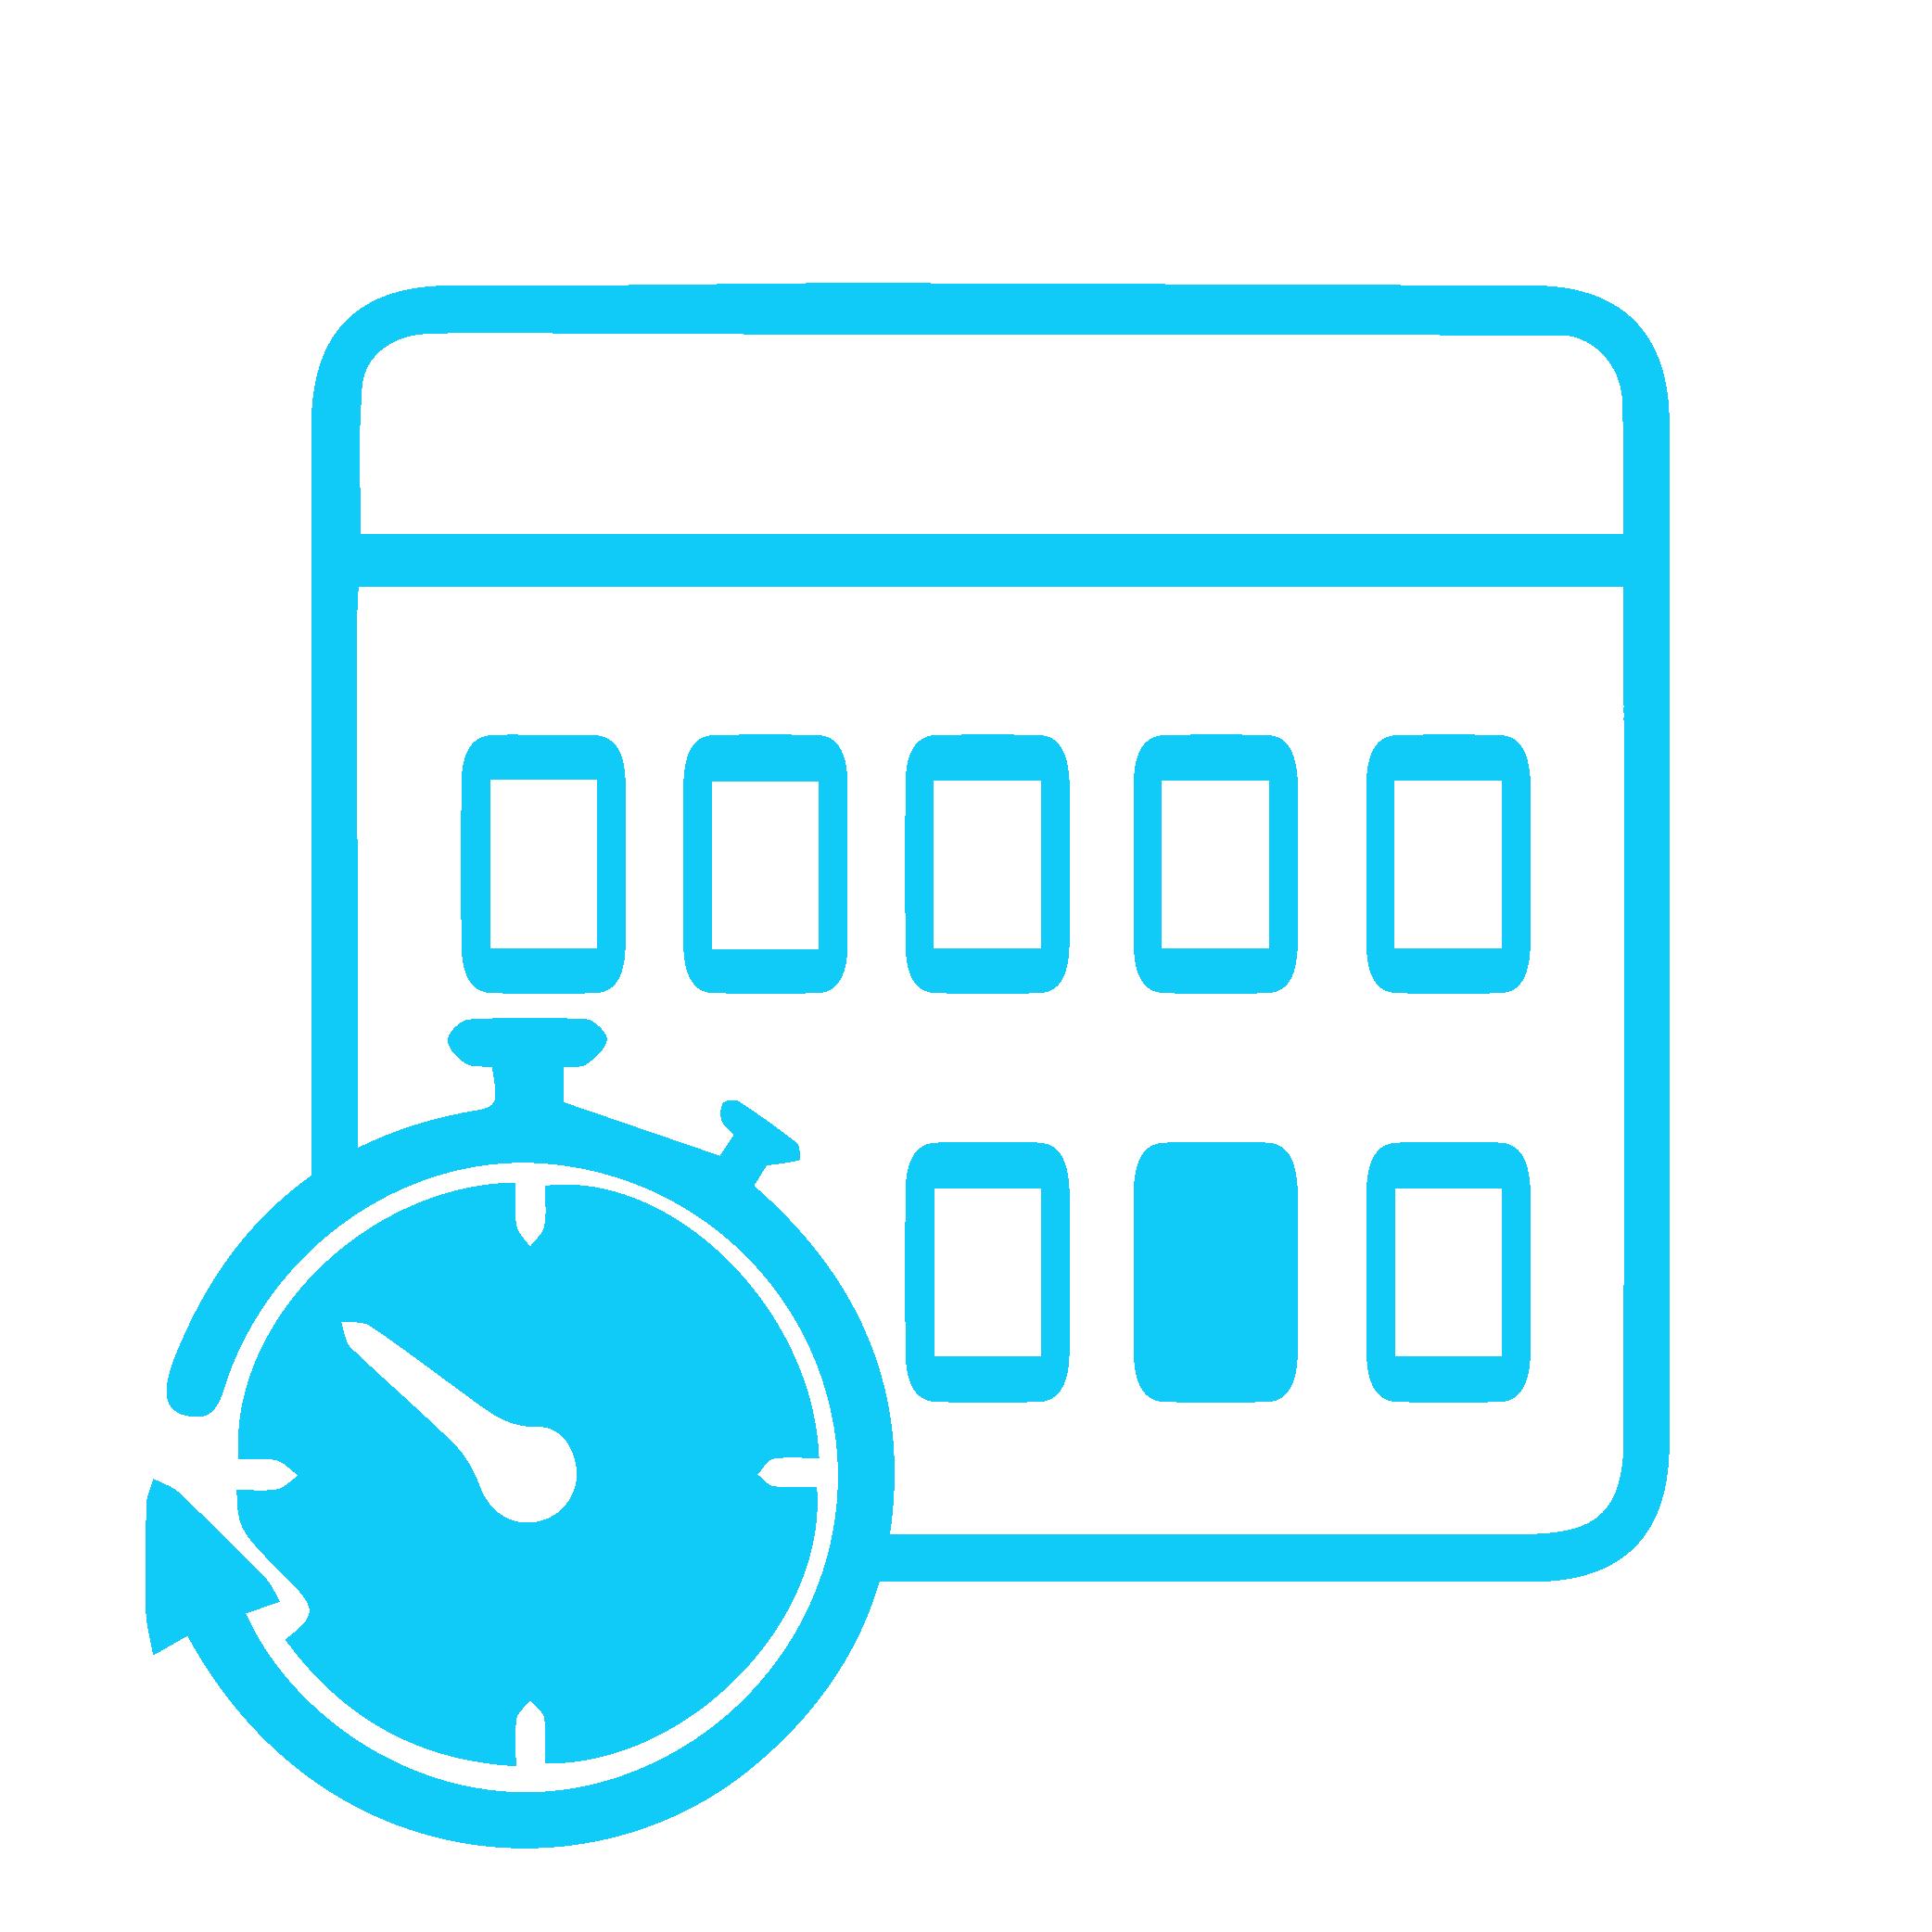 Icon zeigt Kalender mit einer Stoppuhr